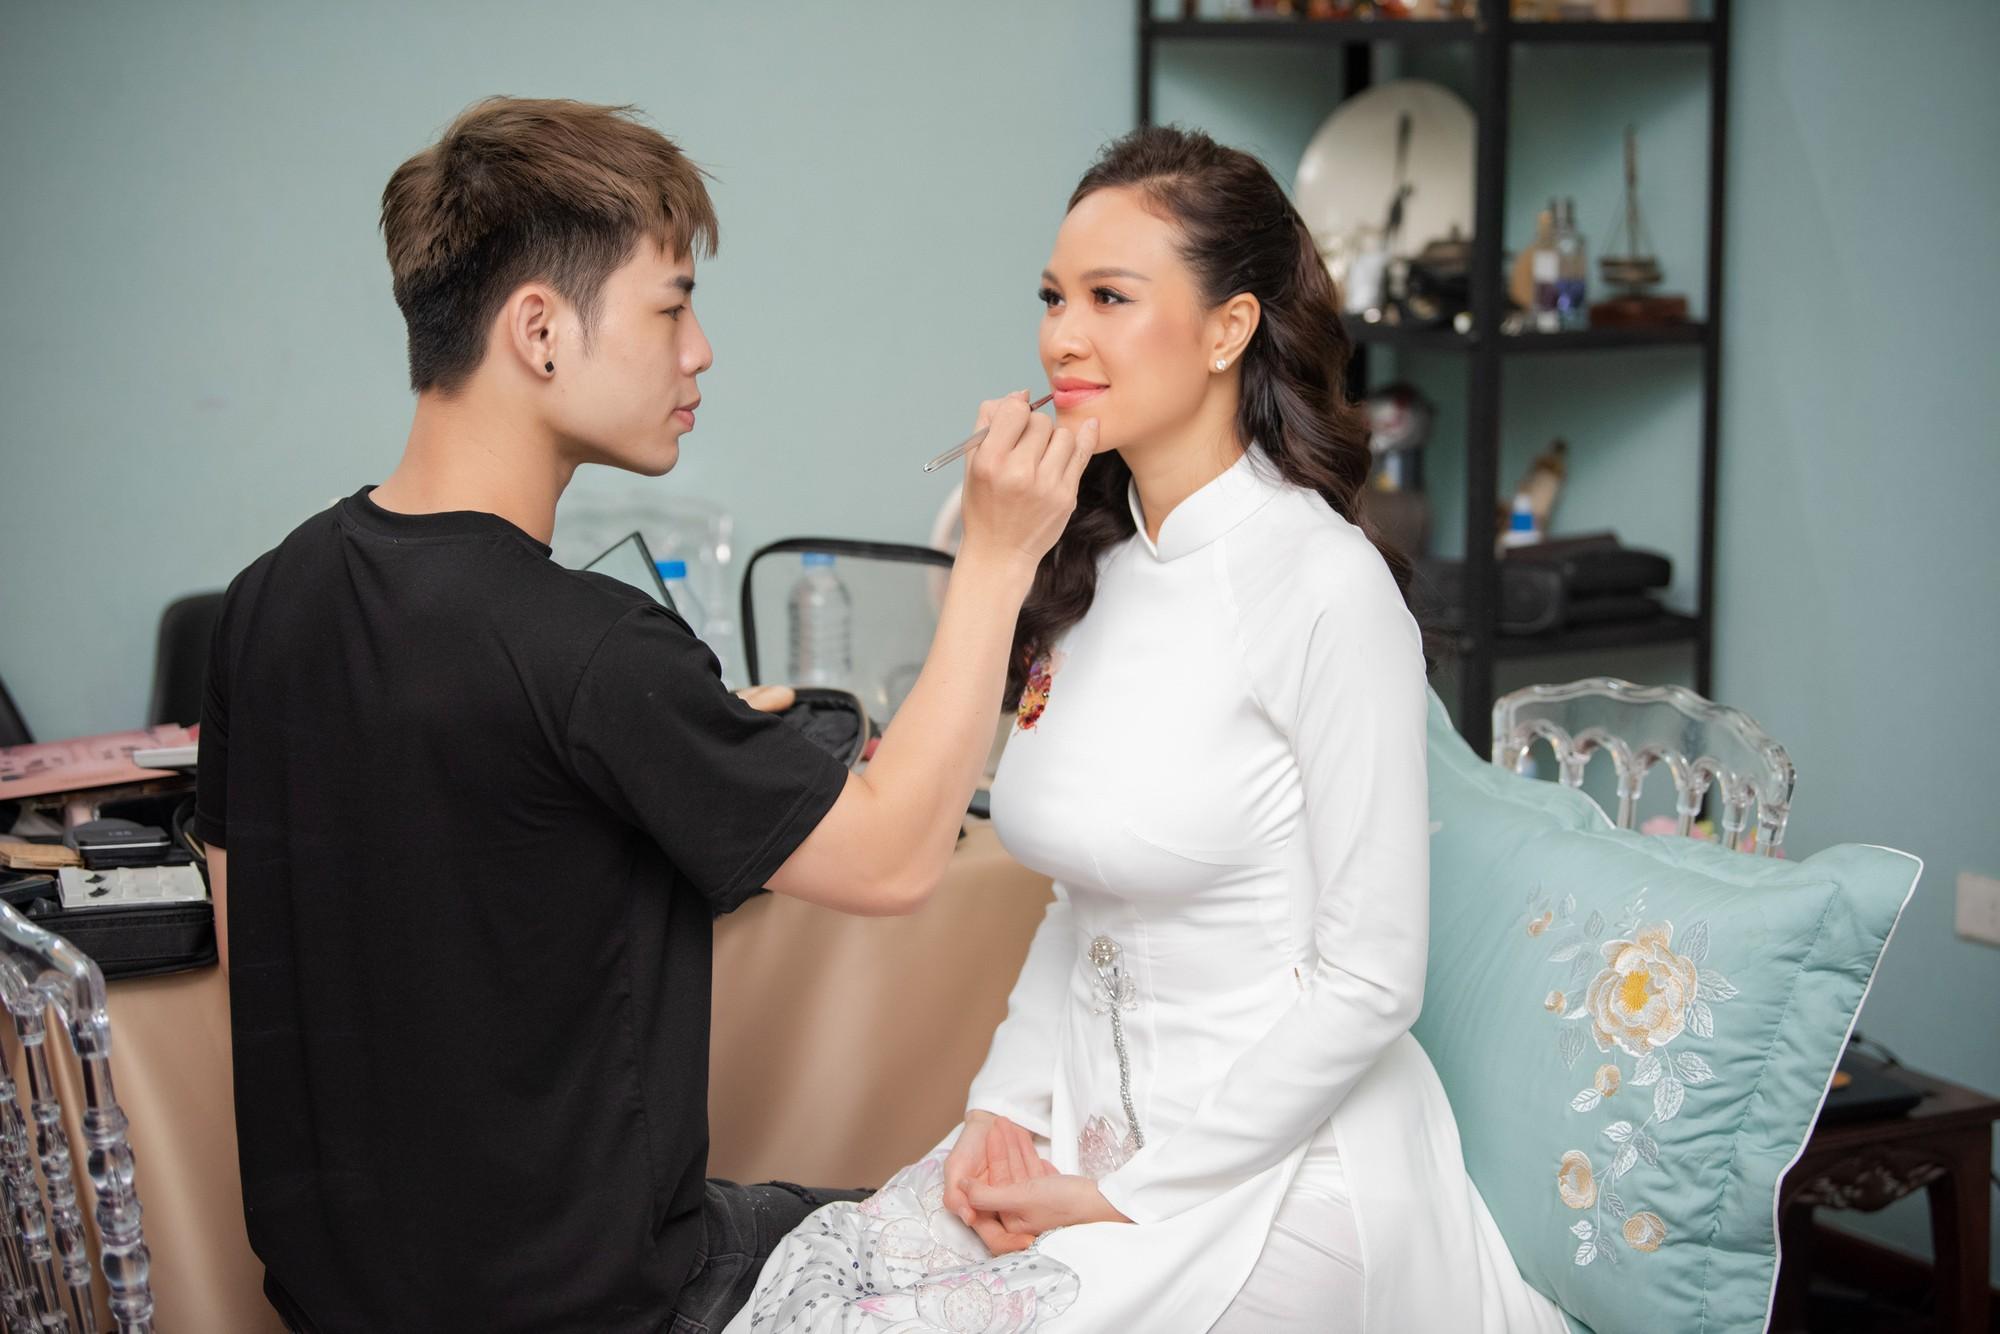 Toàn cảnh lễ đón dâu tại nhà phố cổ của siêu mẫu Phương Mai: Chú rể xuất hiện cùng đoàn xe sang, cô dâu òa khóc ôm chặt mẹ ruột-1